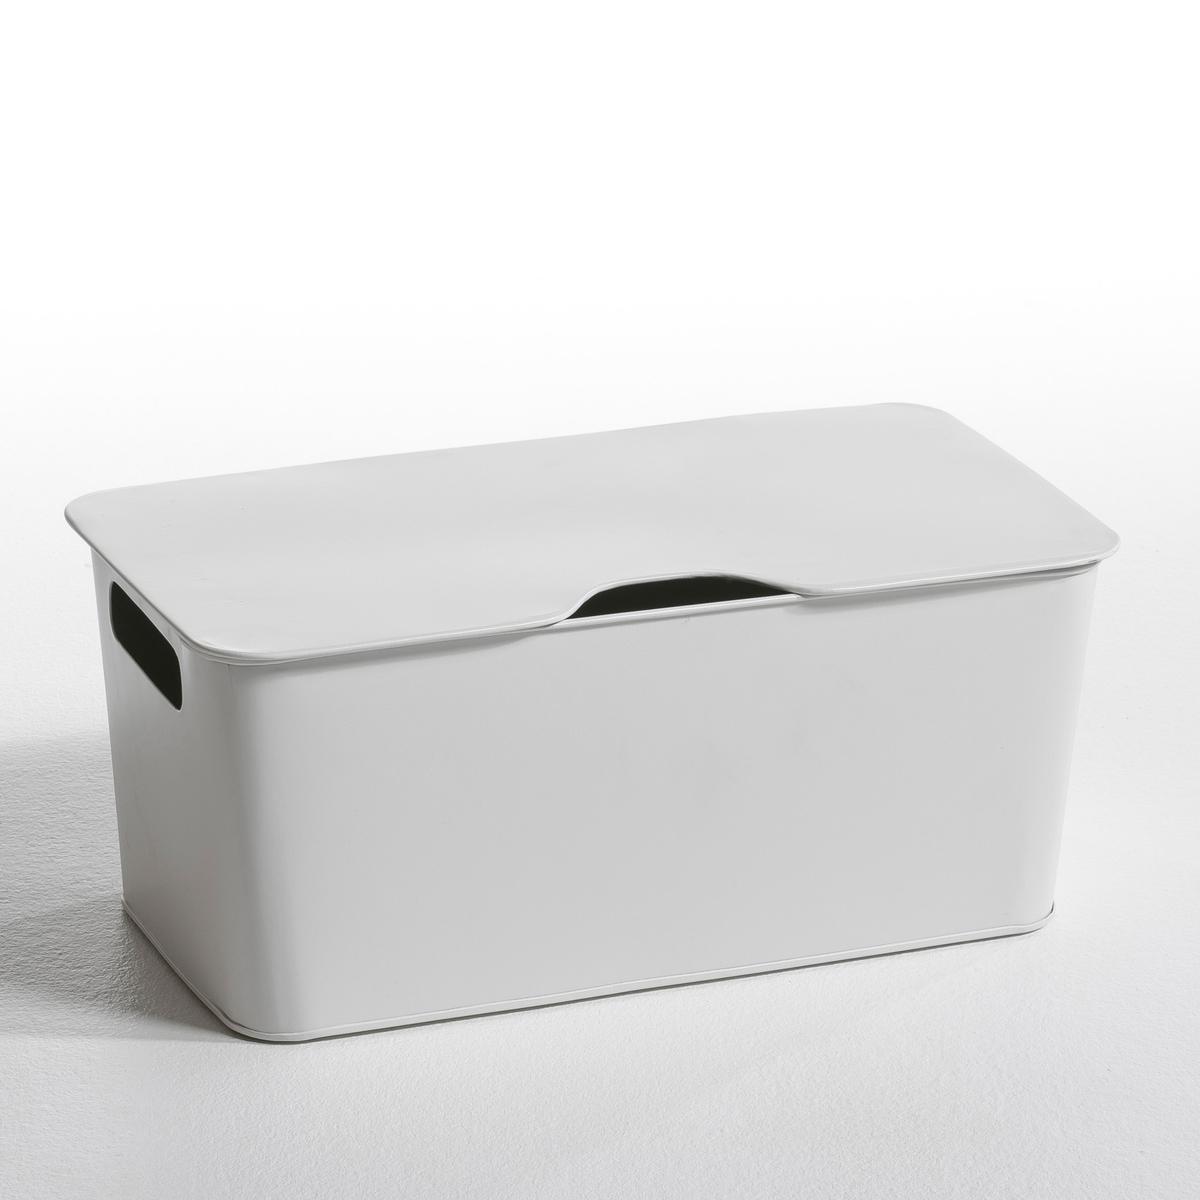 Ящик деревянный ящик ящик покрытия держатель ткани ретро ткань дело для салфеток